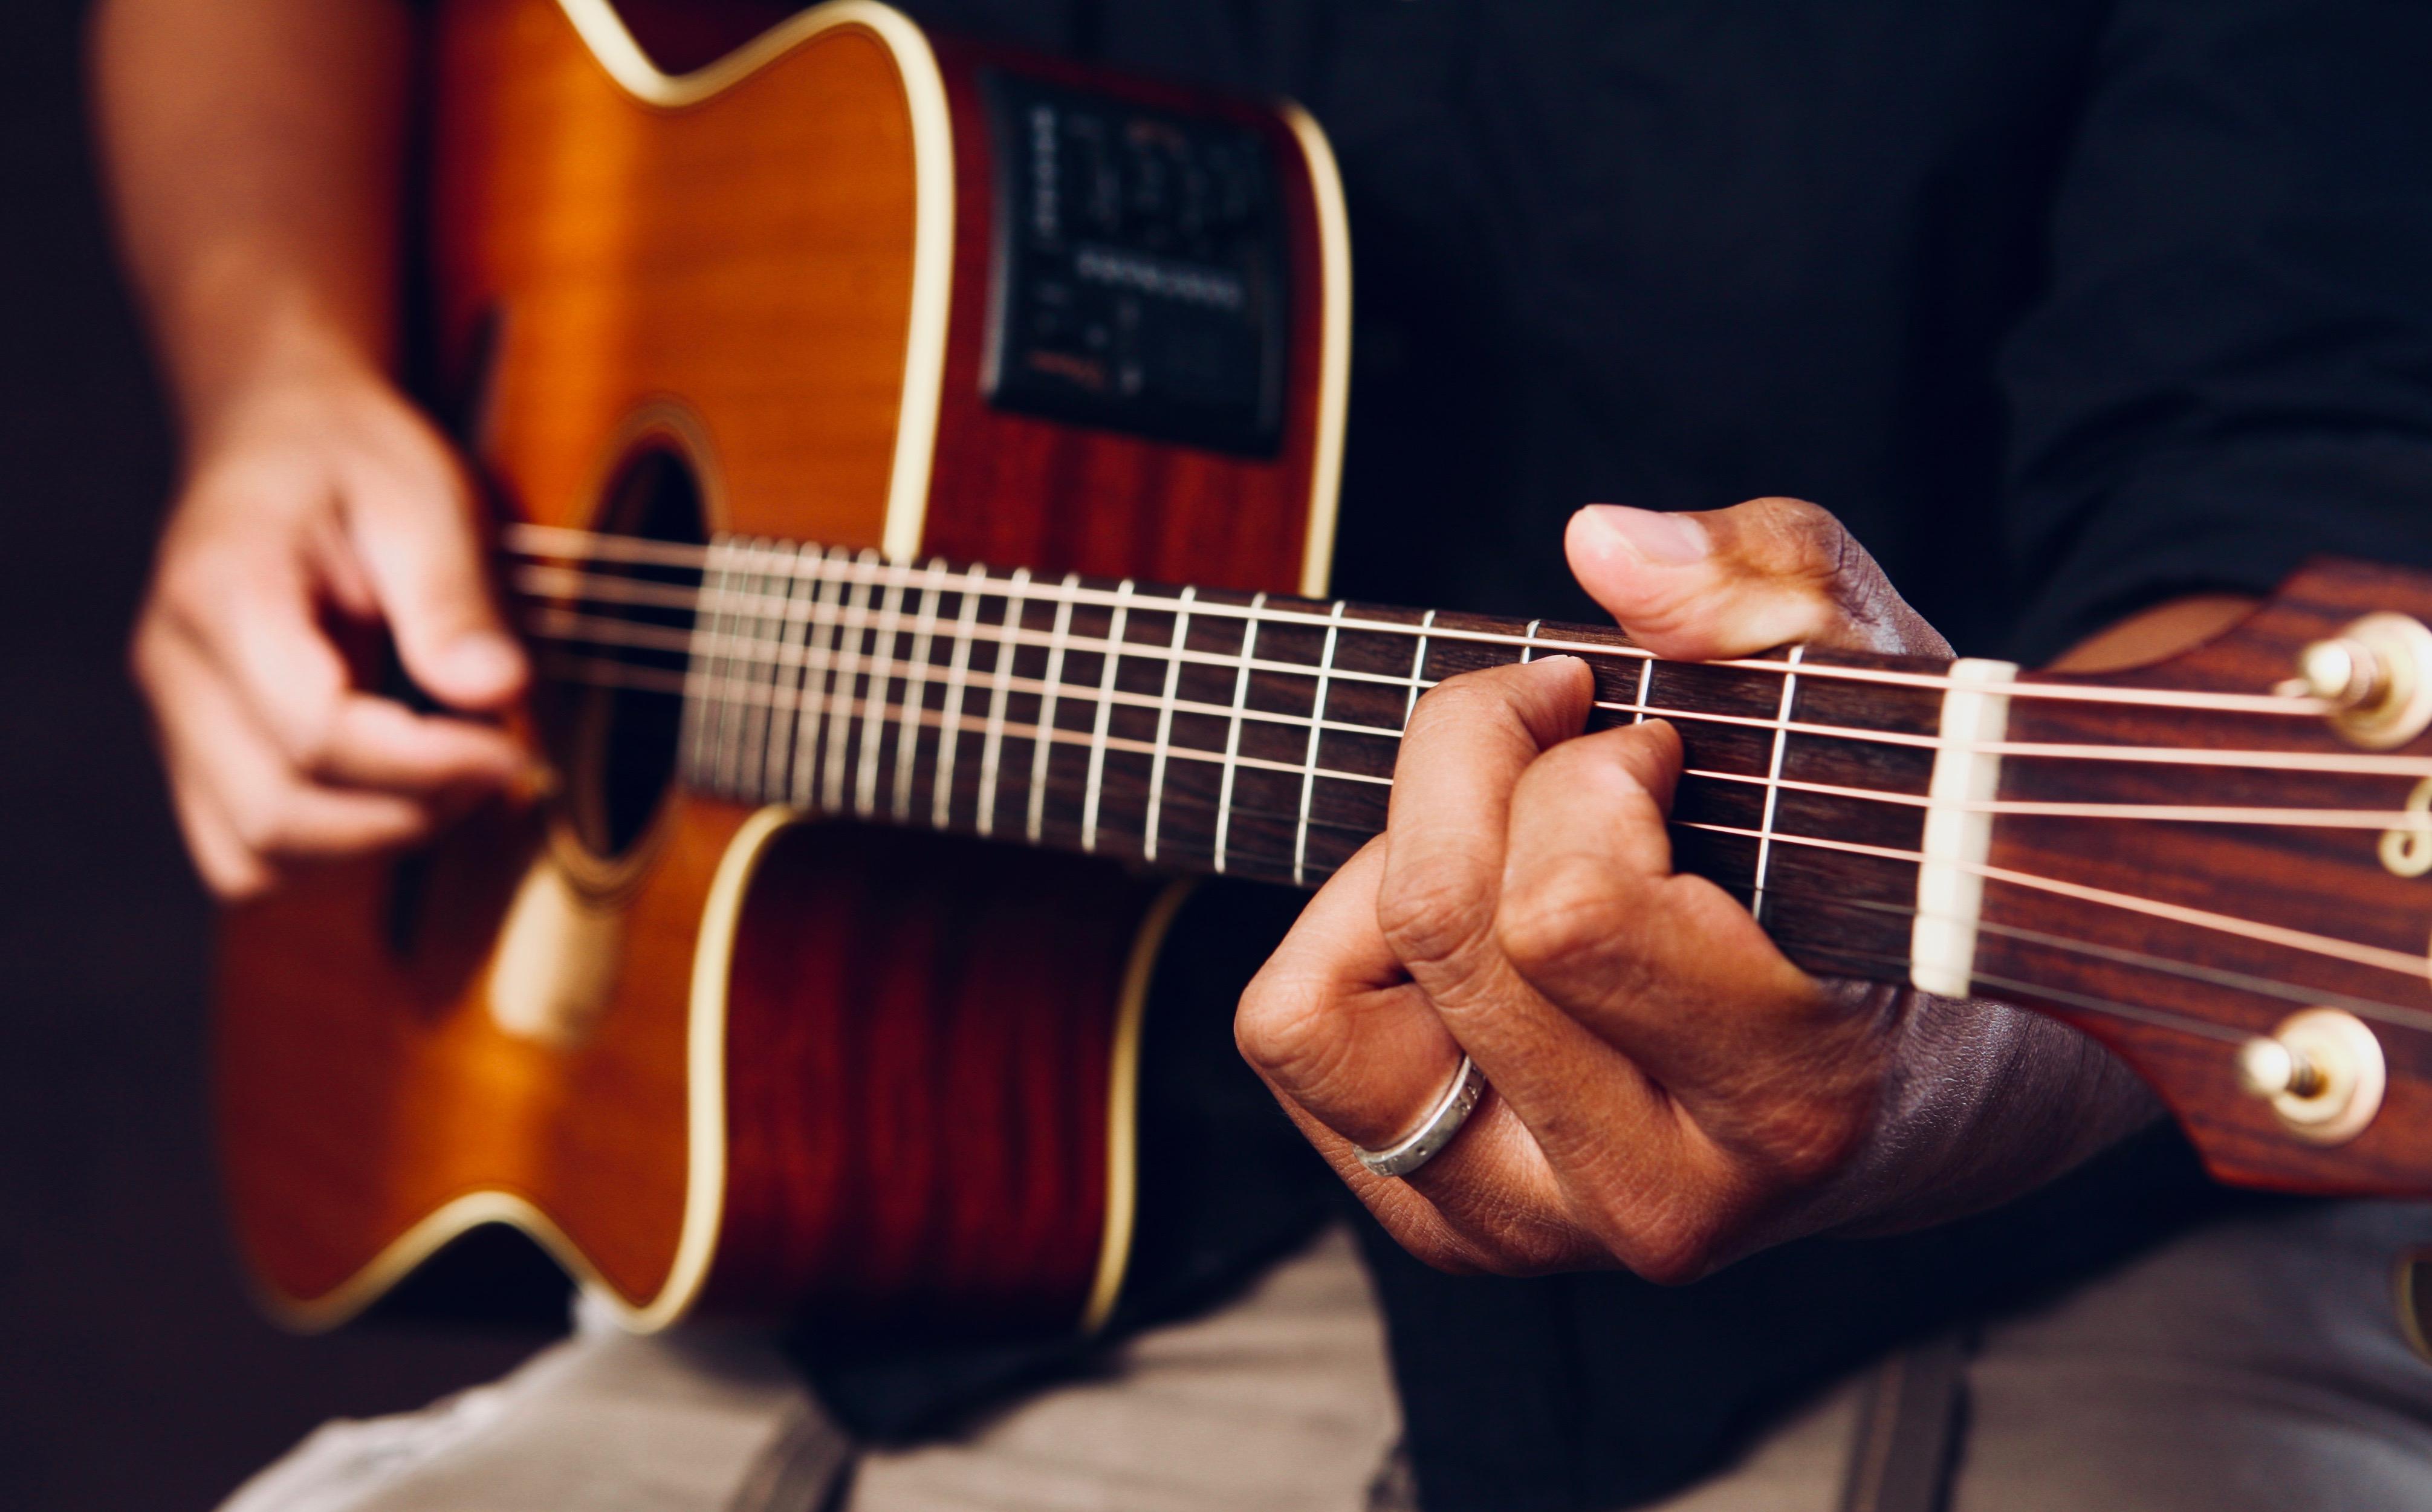 beautiful guitar photos · stock photos